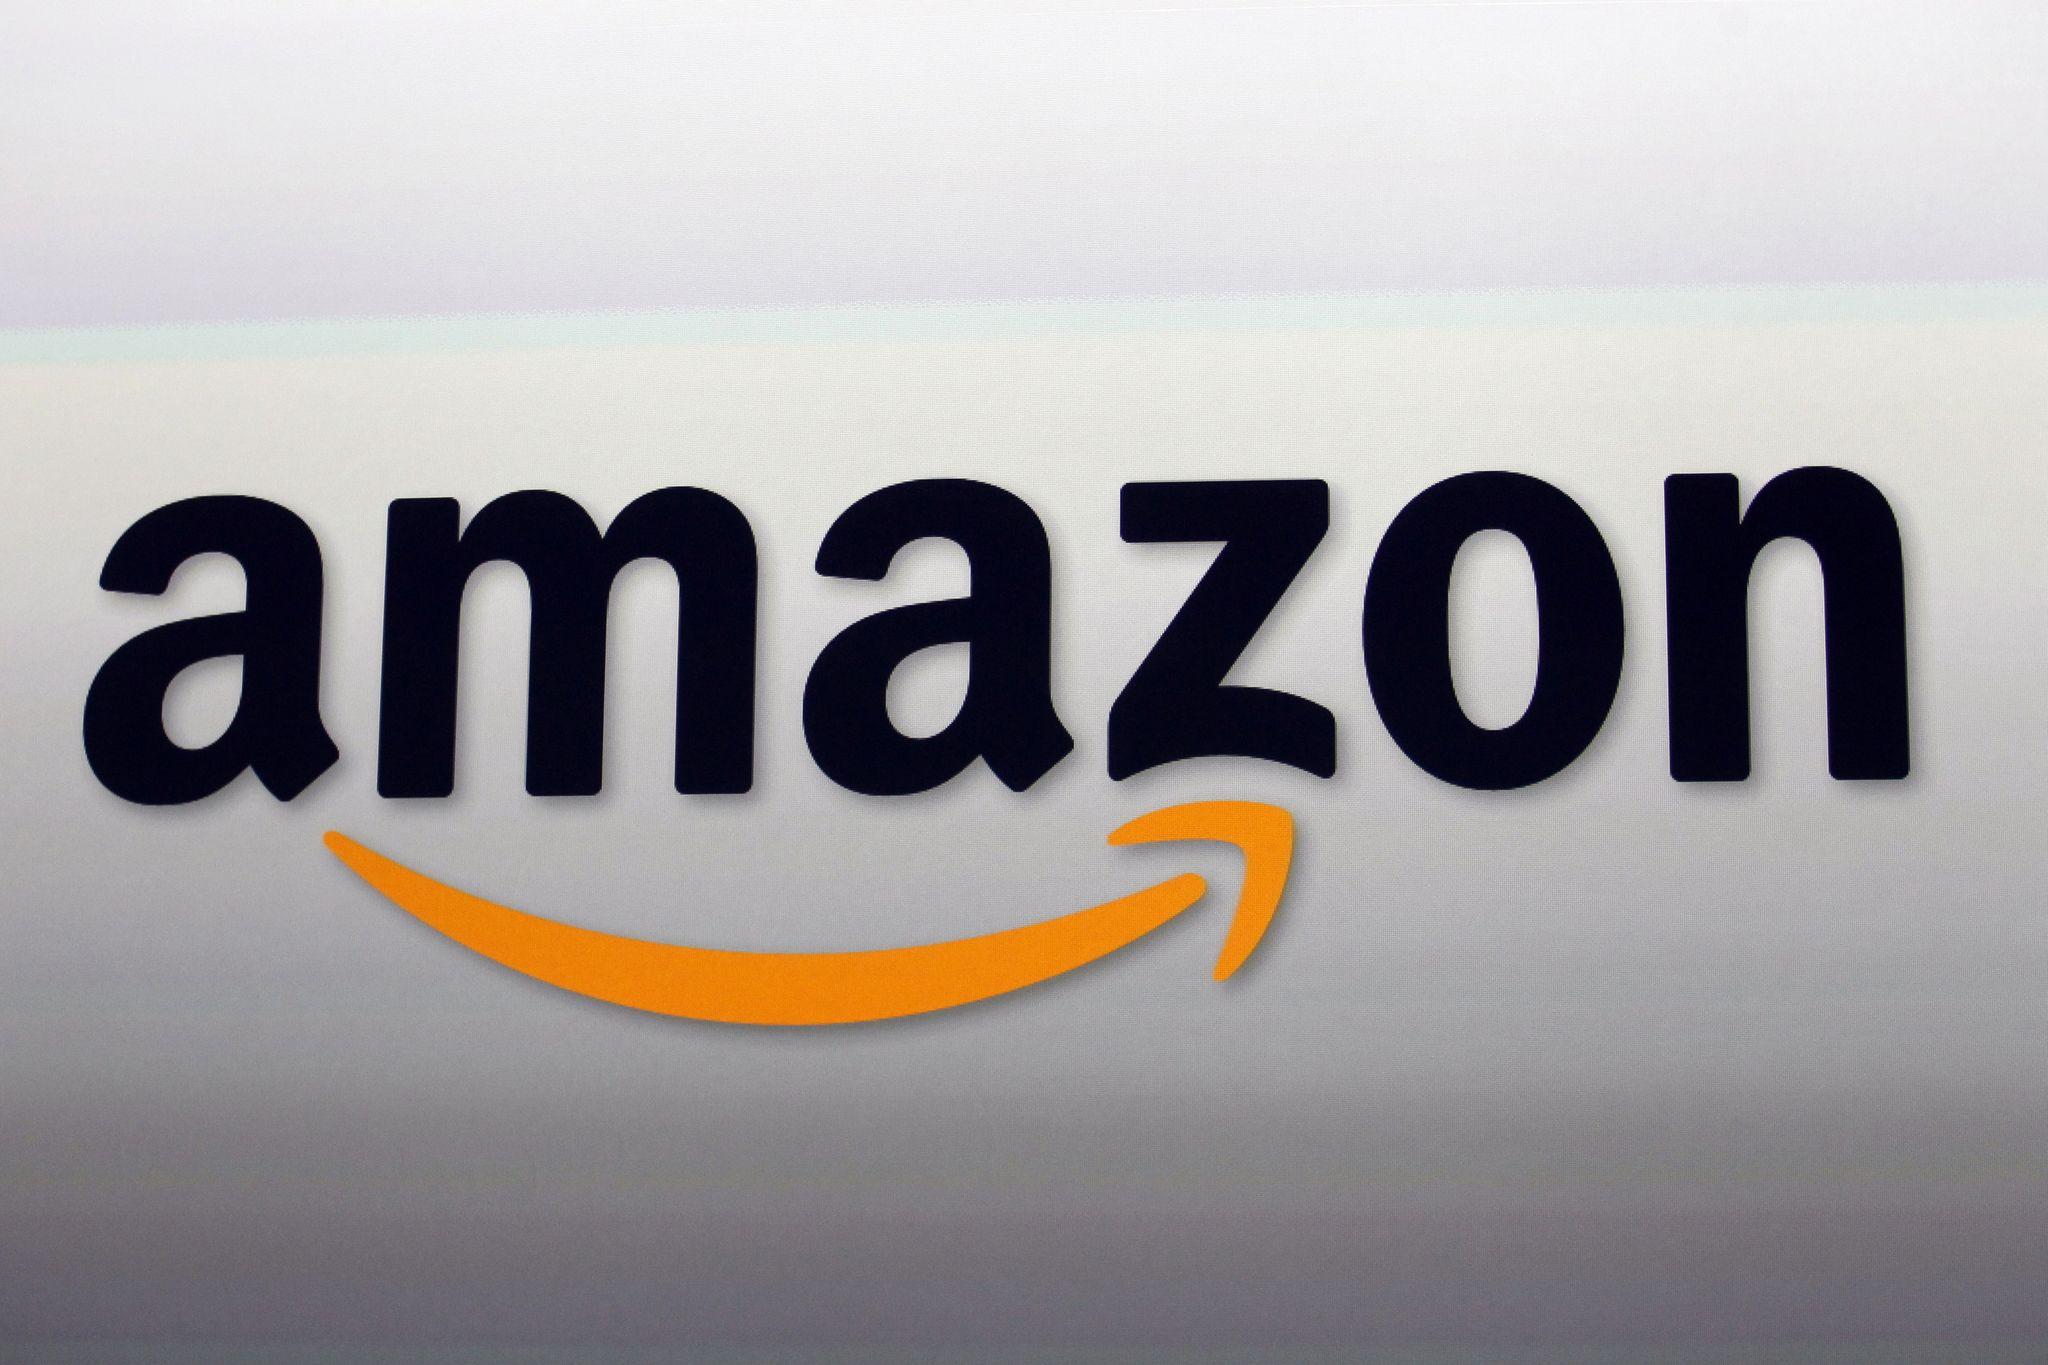 아마존, 직원들에게 '틱톡' 삭제 명령했다가